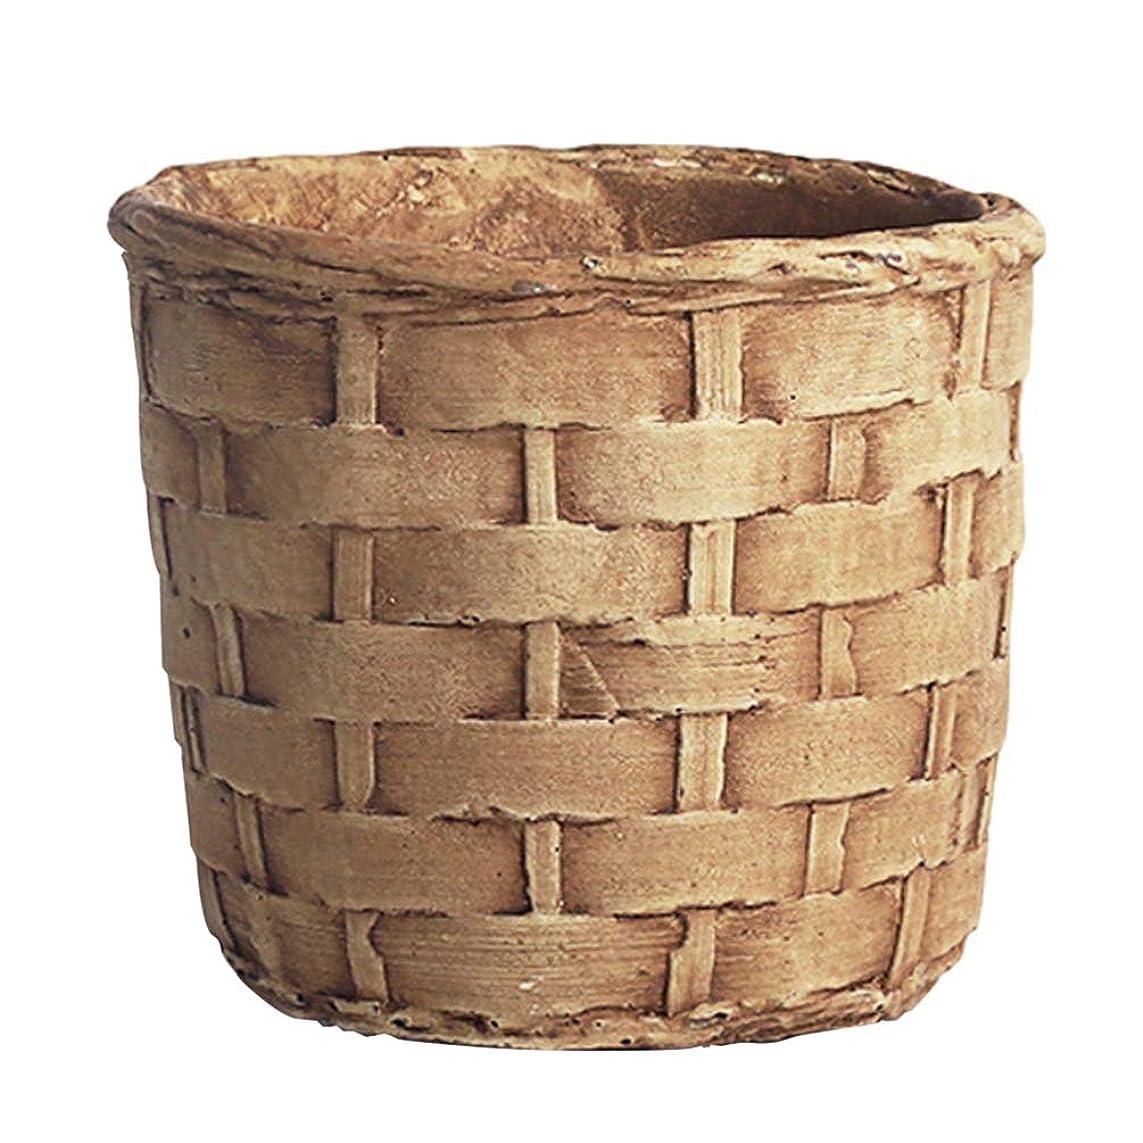 アーティキュレーションアクション申し立てるYardwe ヴィンテージセメント植木鉢模造竹サボテン多肉プランター植木鉢素朴な卓上装飾サイズs